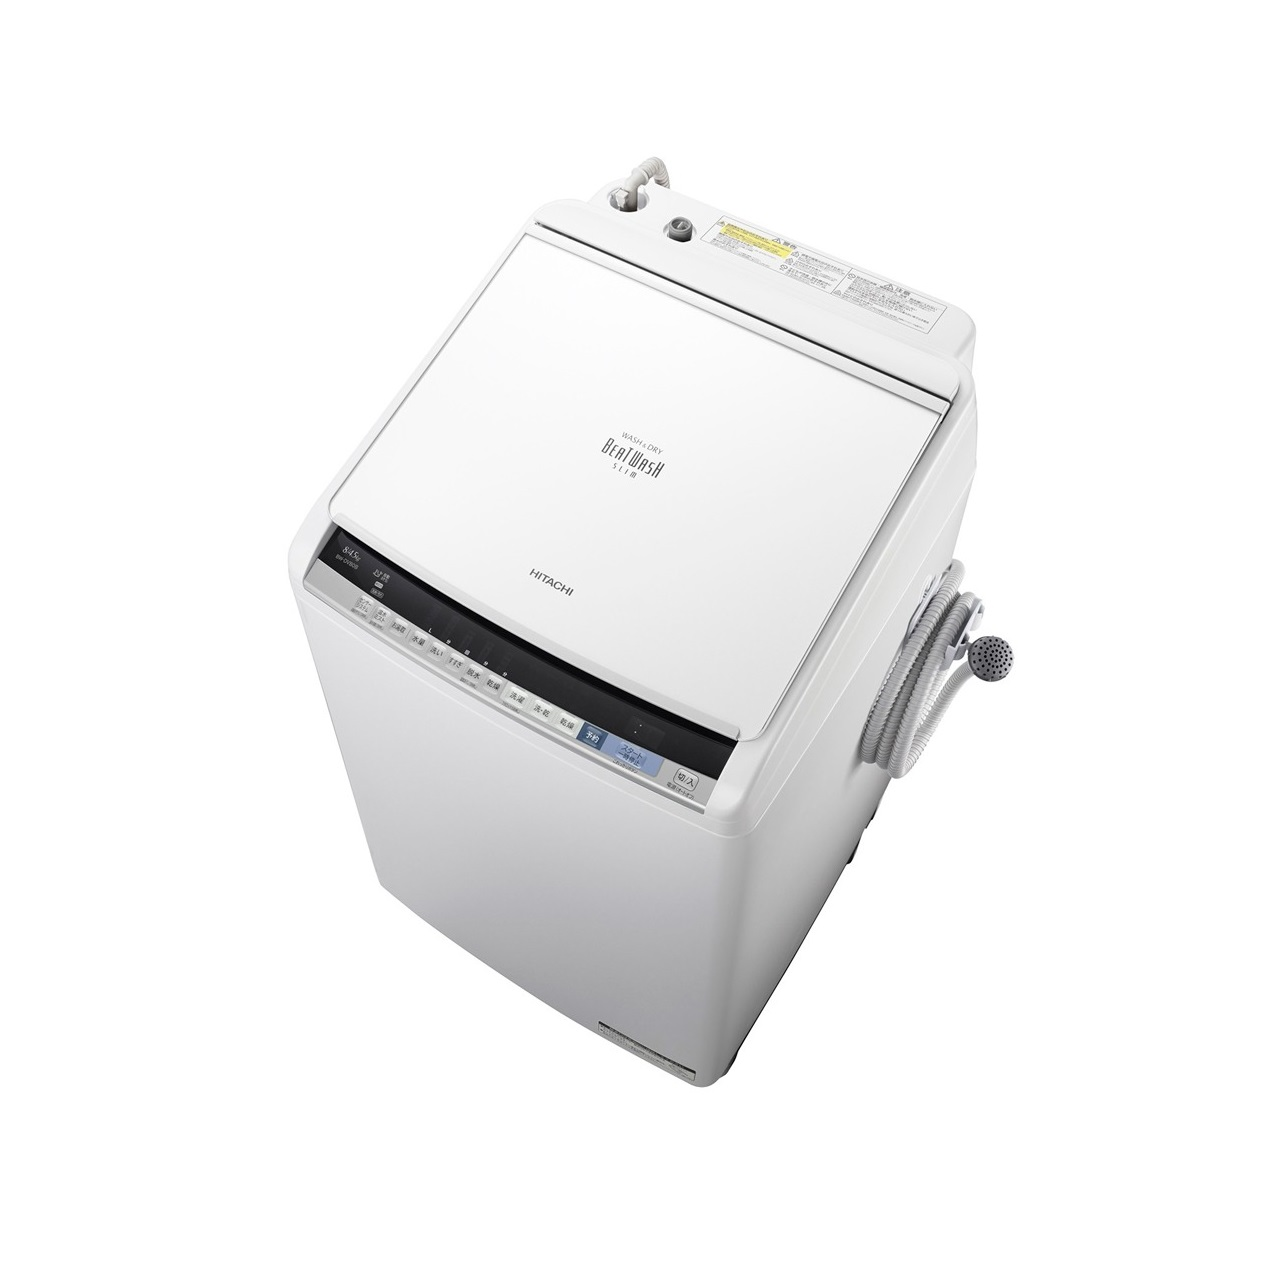 日立ビートウォッシュBW-DV80B洗濯乾燥機